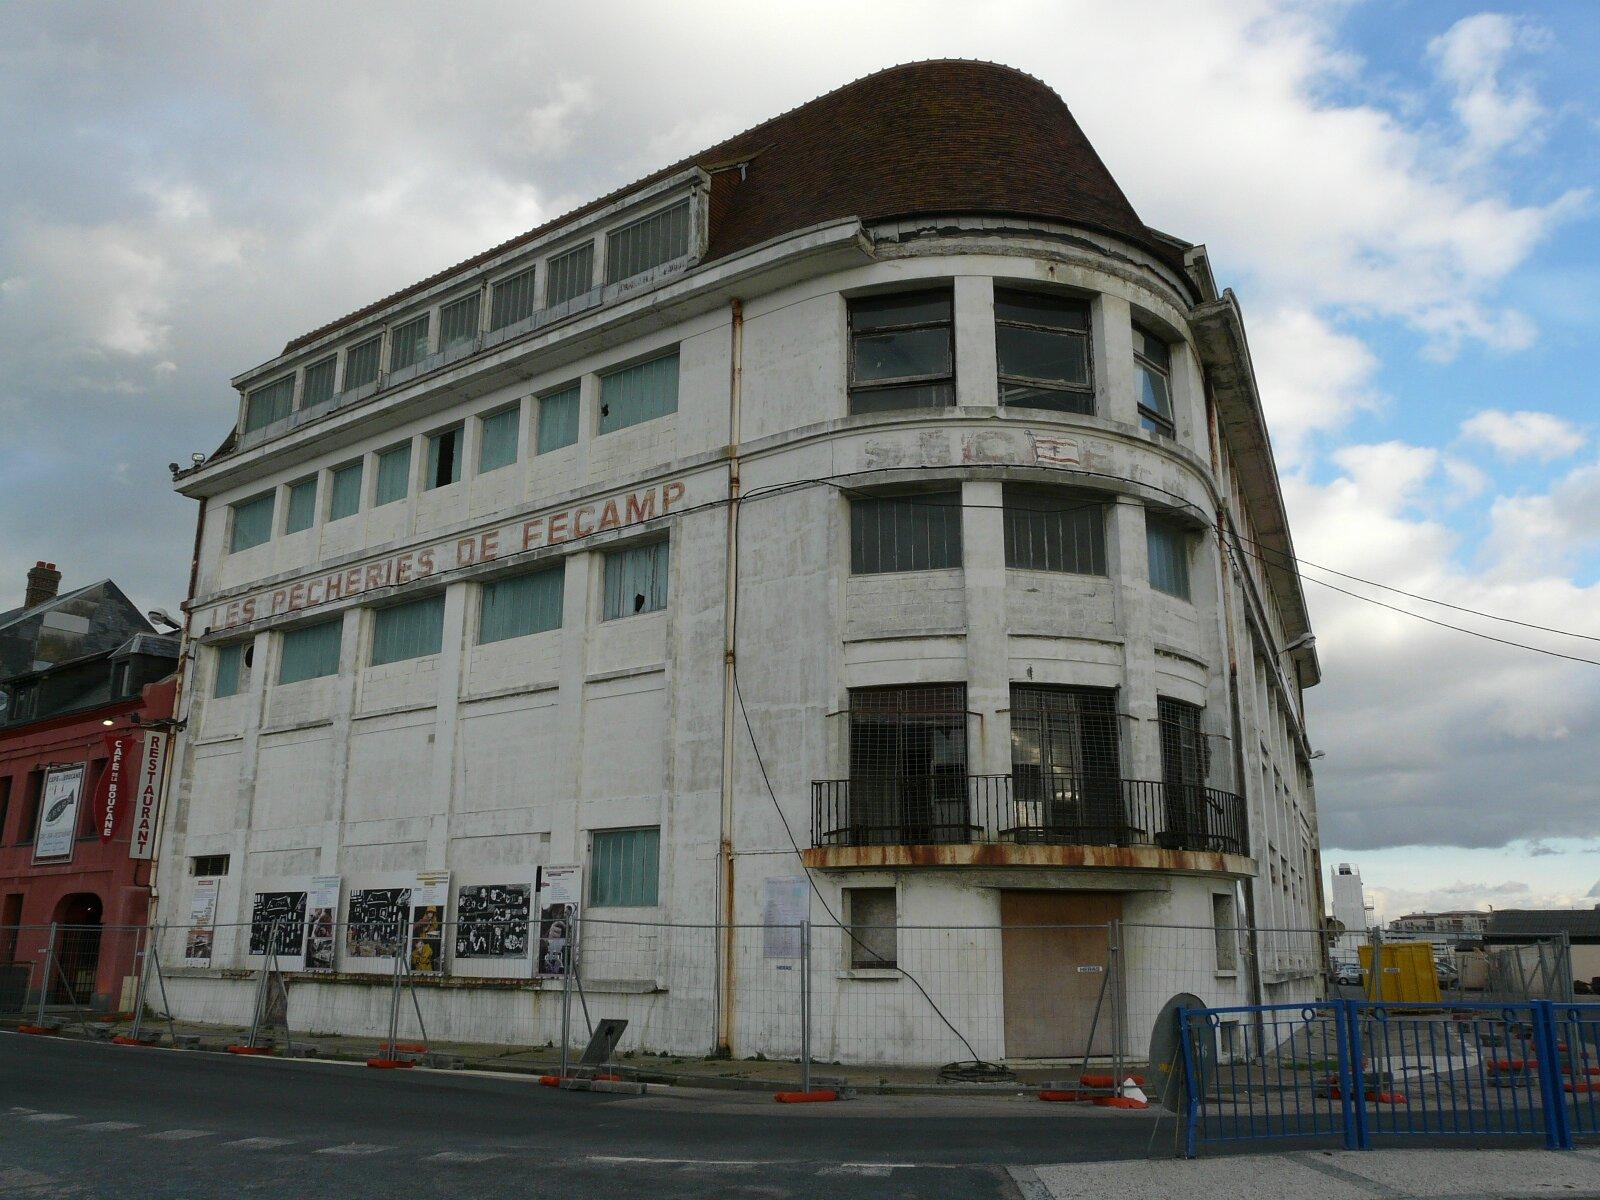 musée les pêcheries (28)